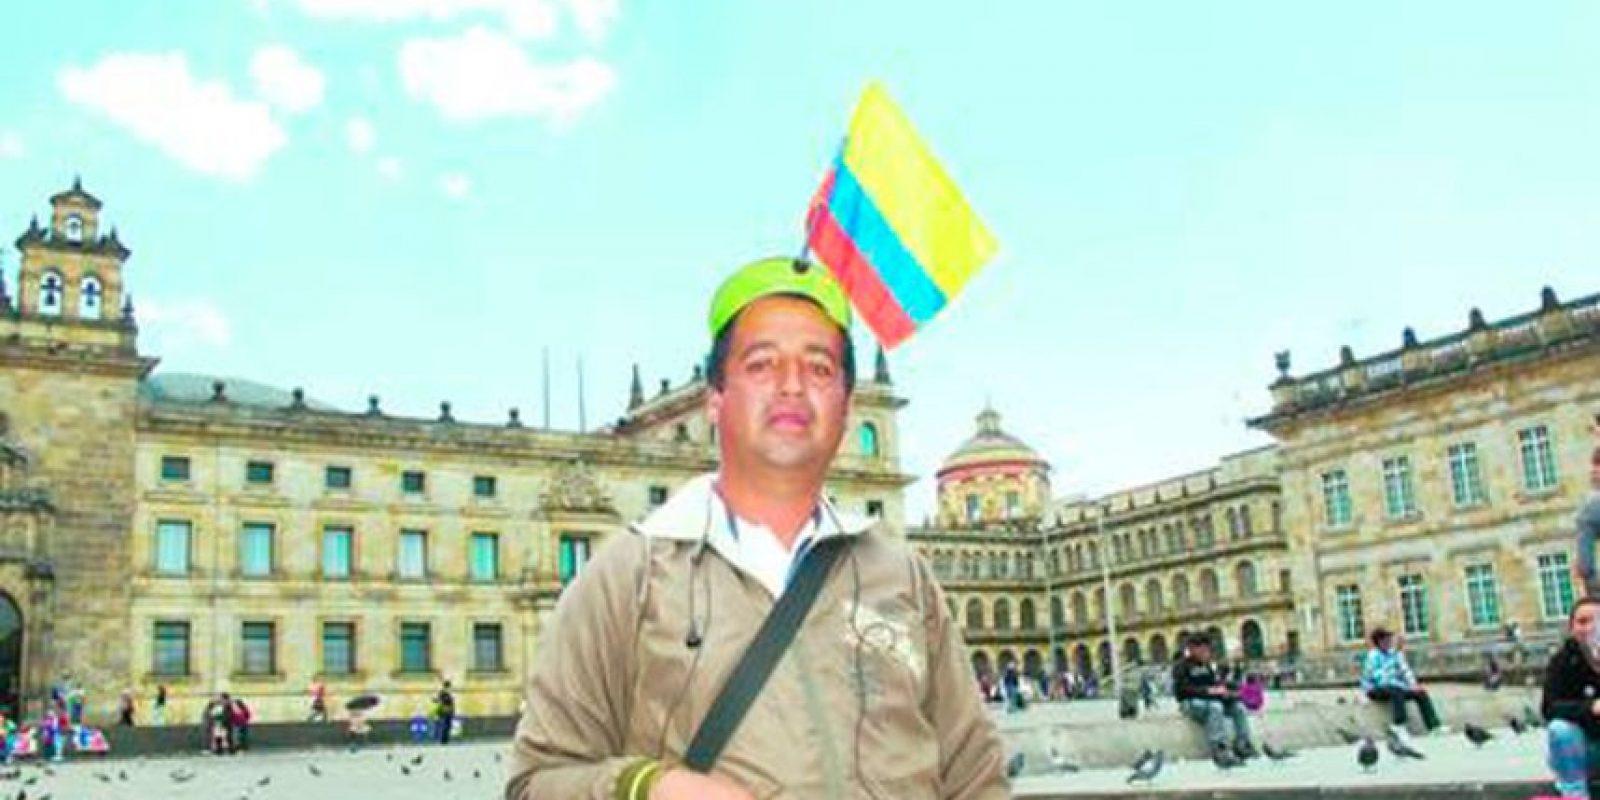 Foto:CARLOS HERNÁNDEZ LLAMAS – PUBLIMETRO